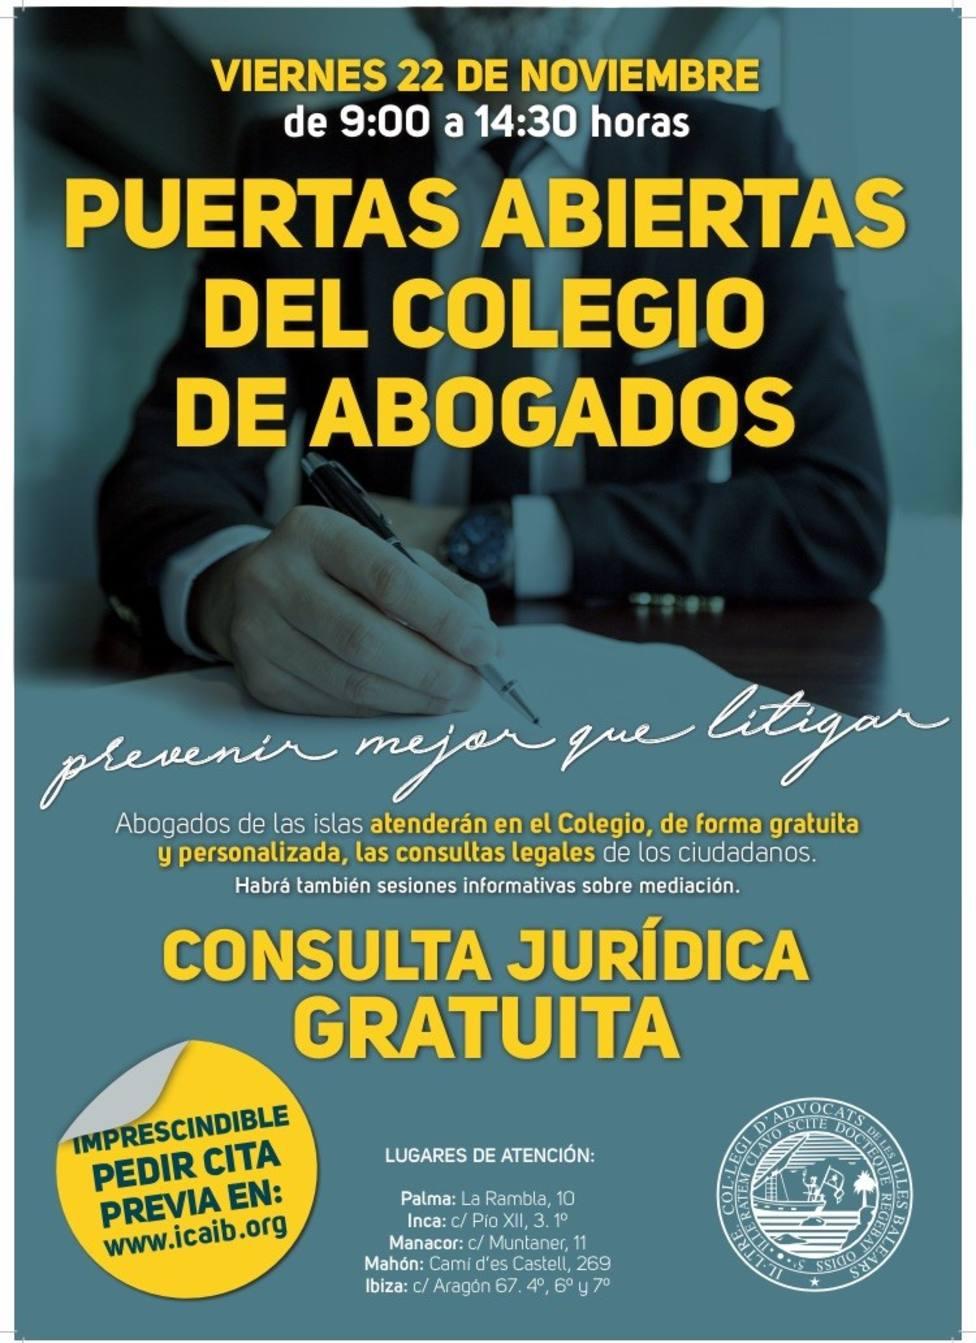 El Colegio de Abogados ofrece consultas jurídicas gratuitas